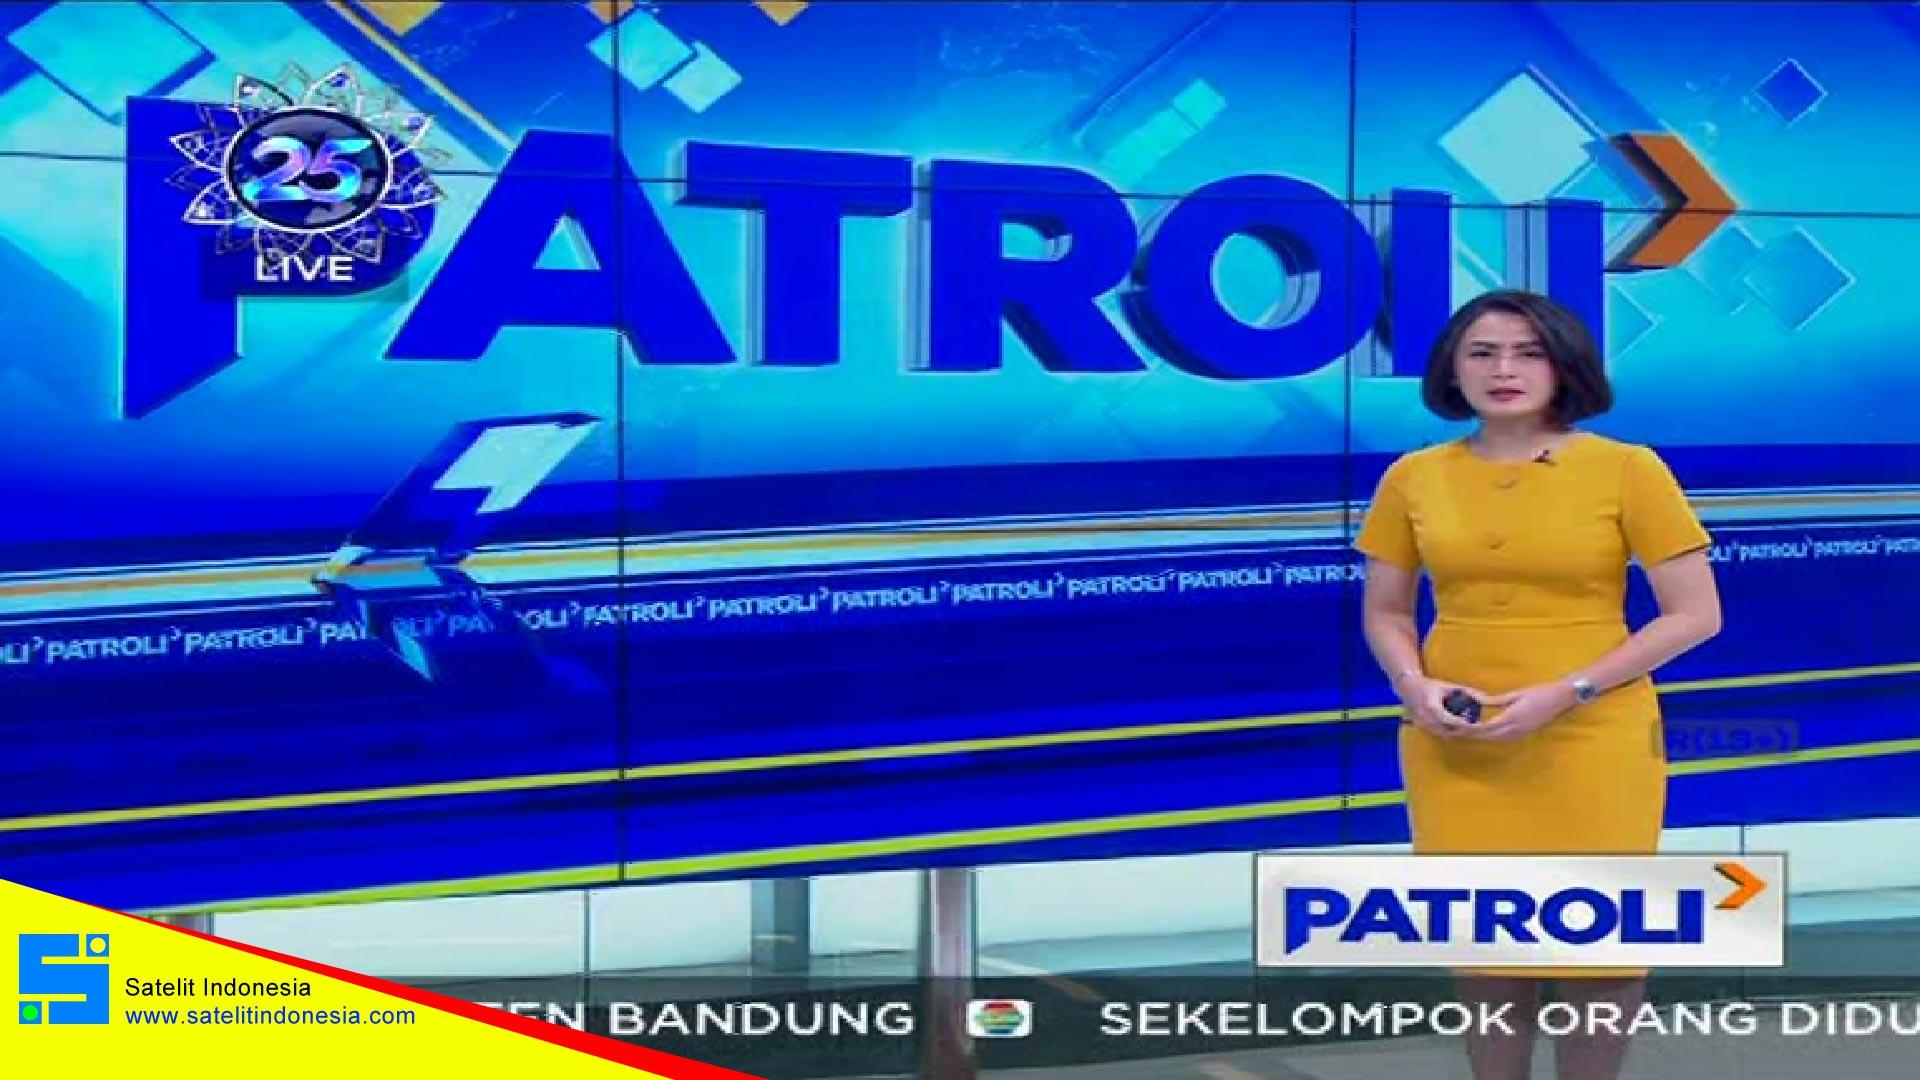 Frekuensi siaran Indosiar di satelit Palapa D Terbaru